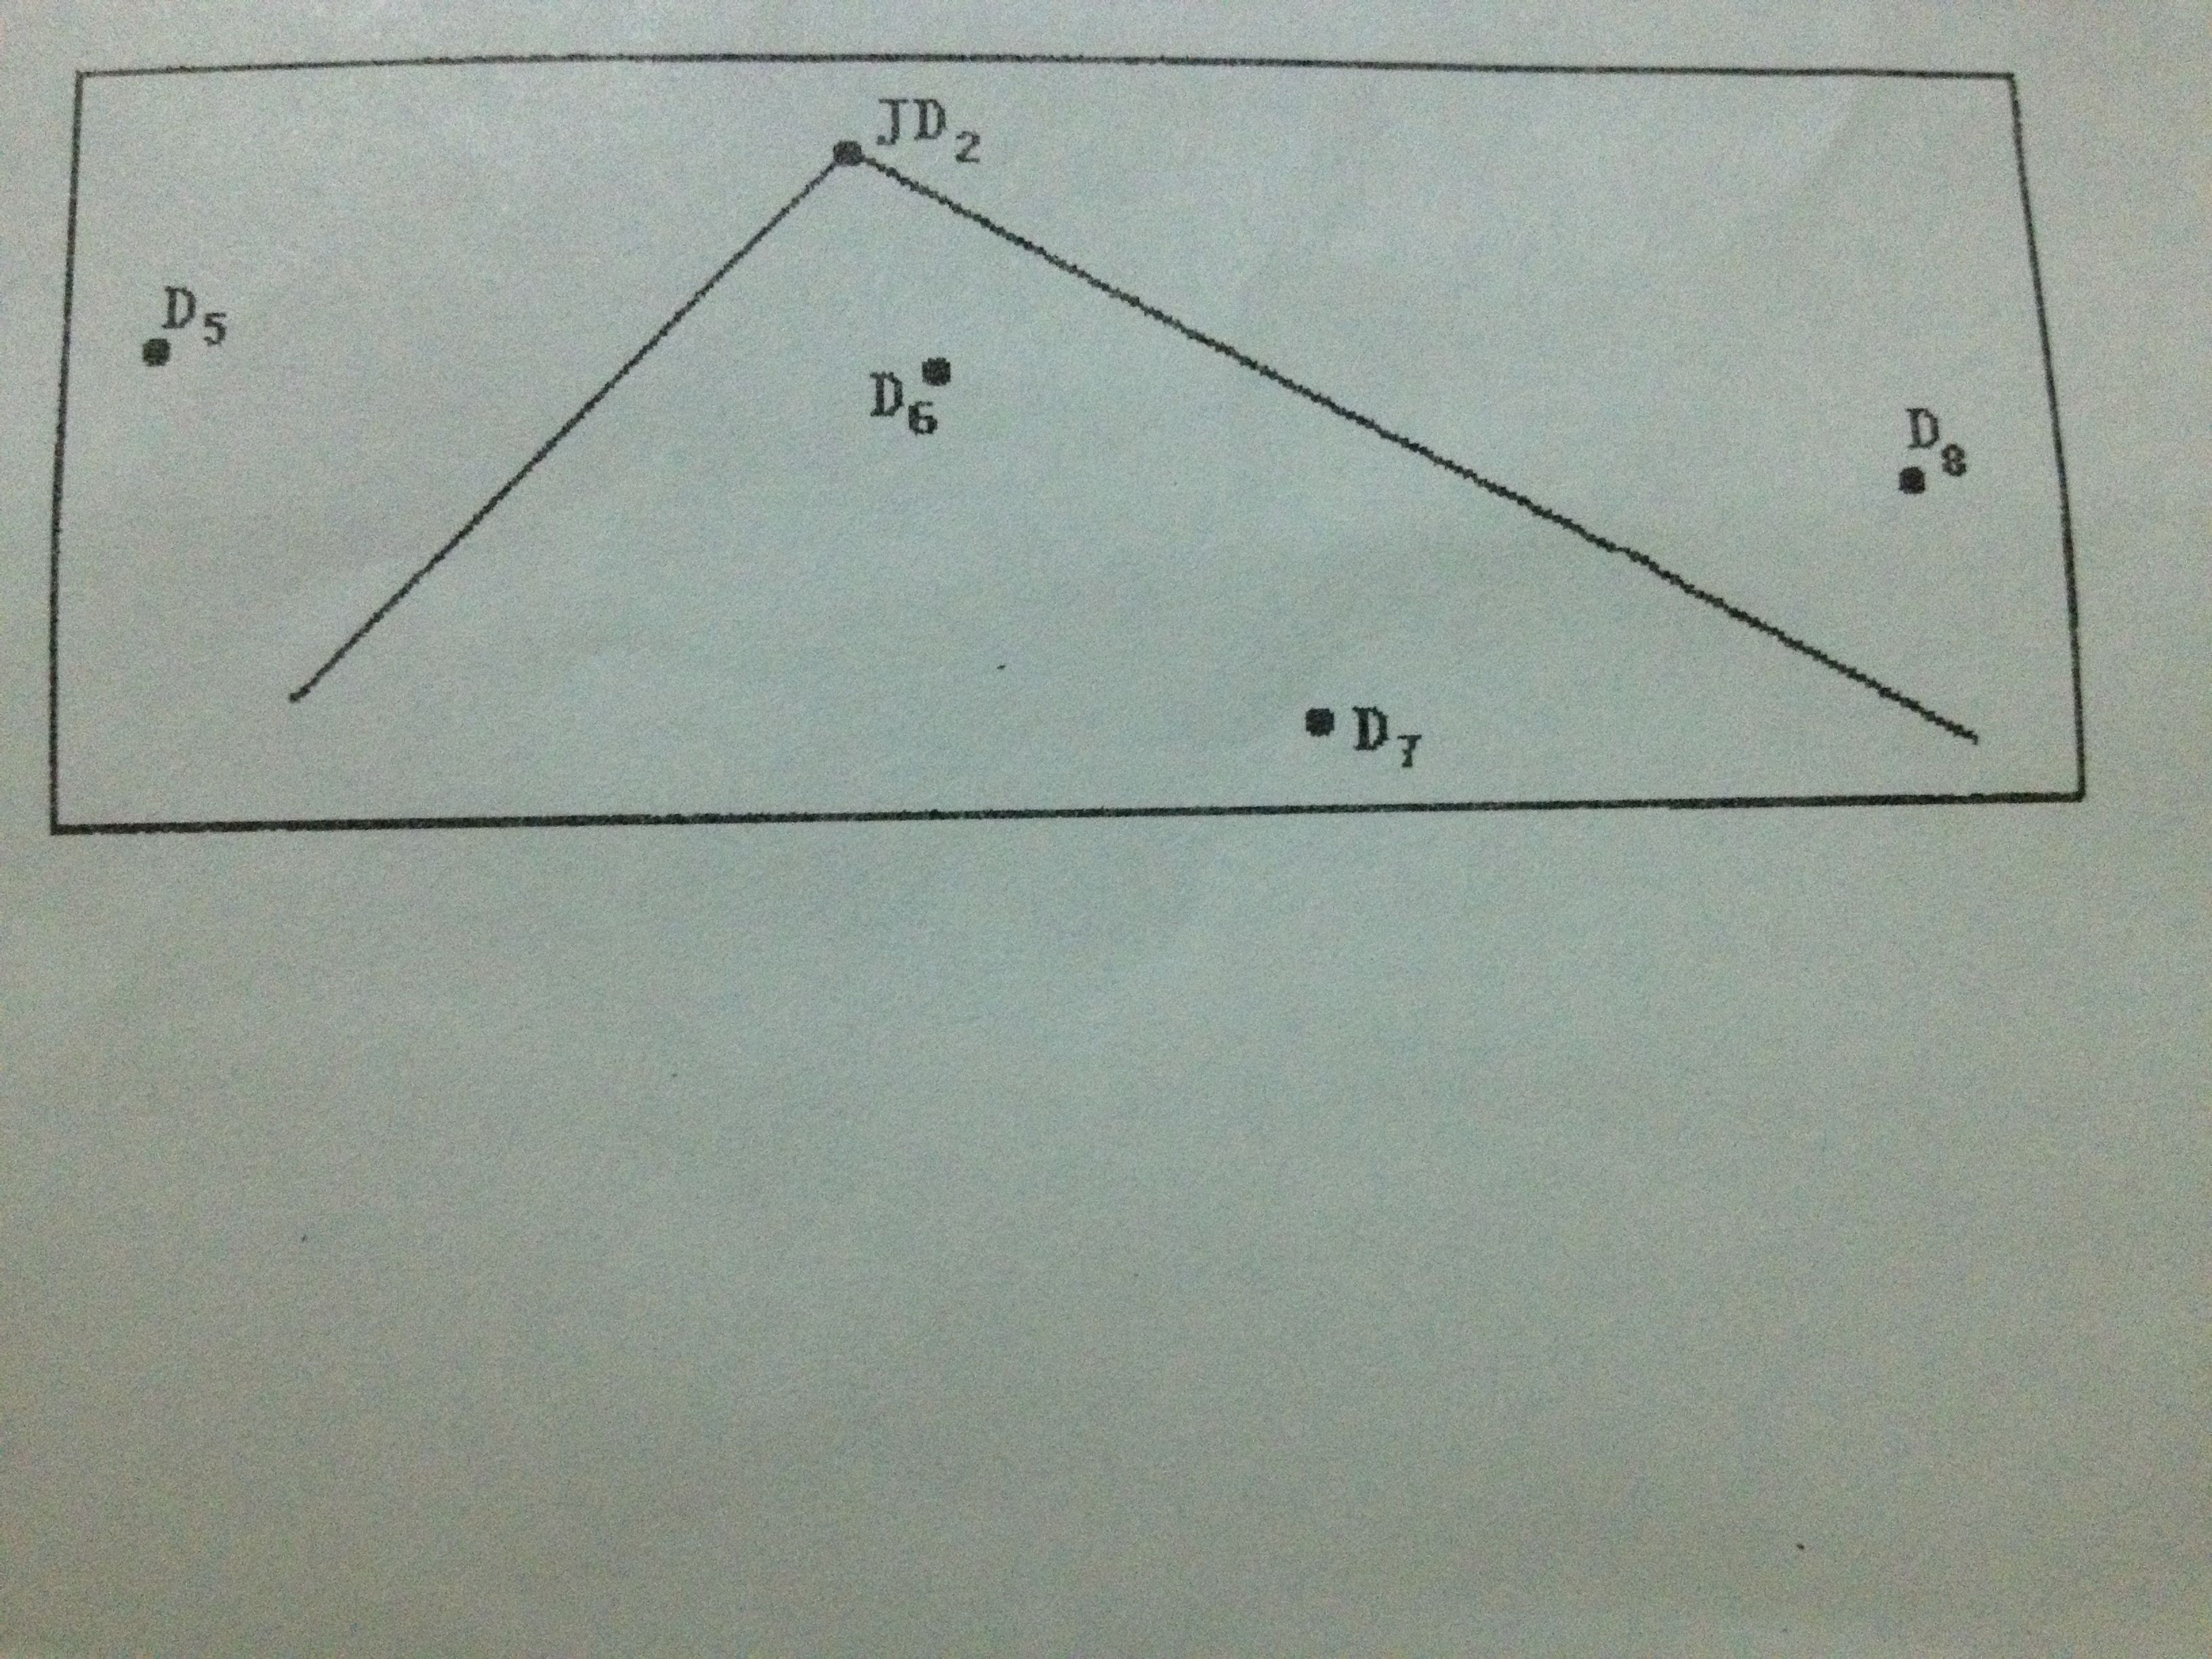 急啊!简述用放点穿线法现场放样jd2的步骤,祥请看下~~图 ~~~~有图~!